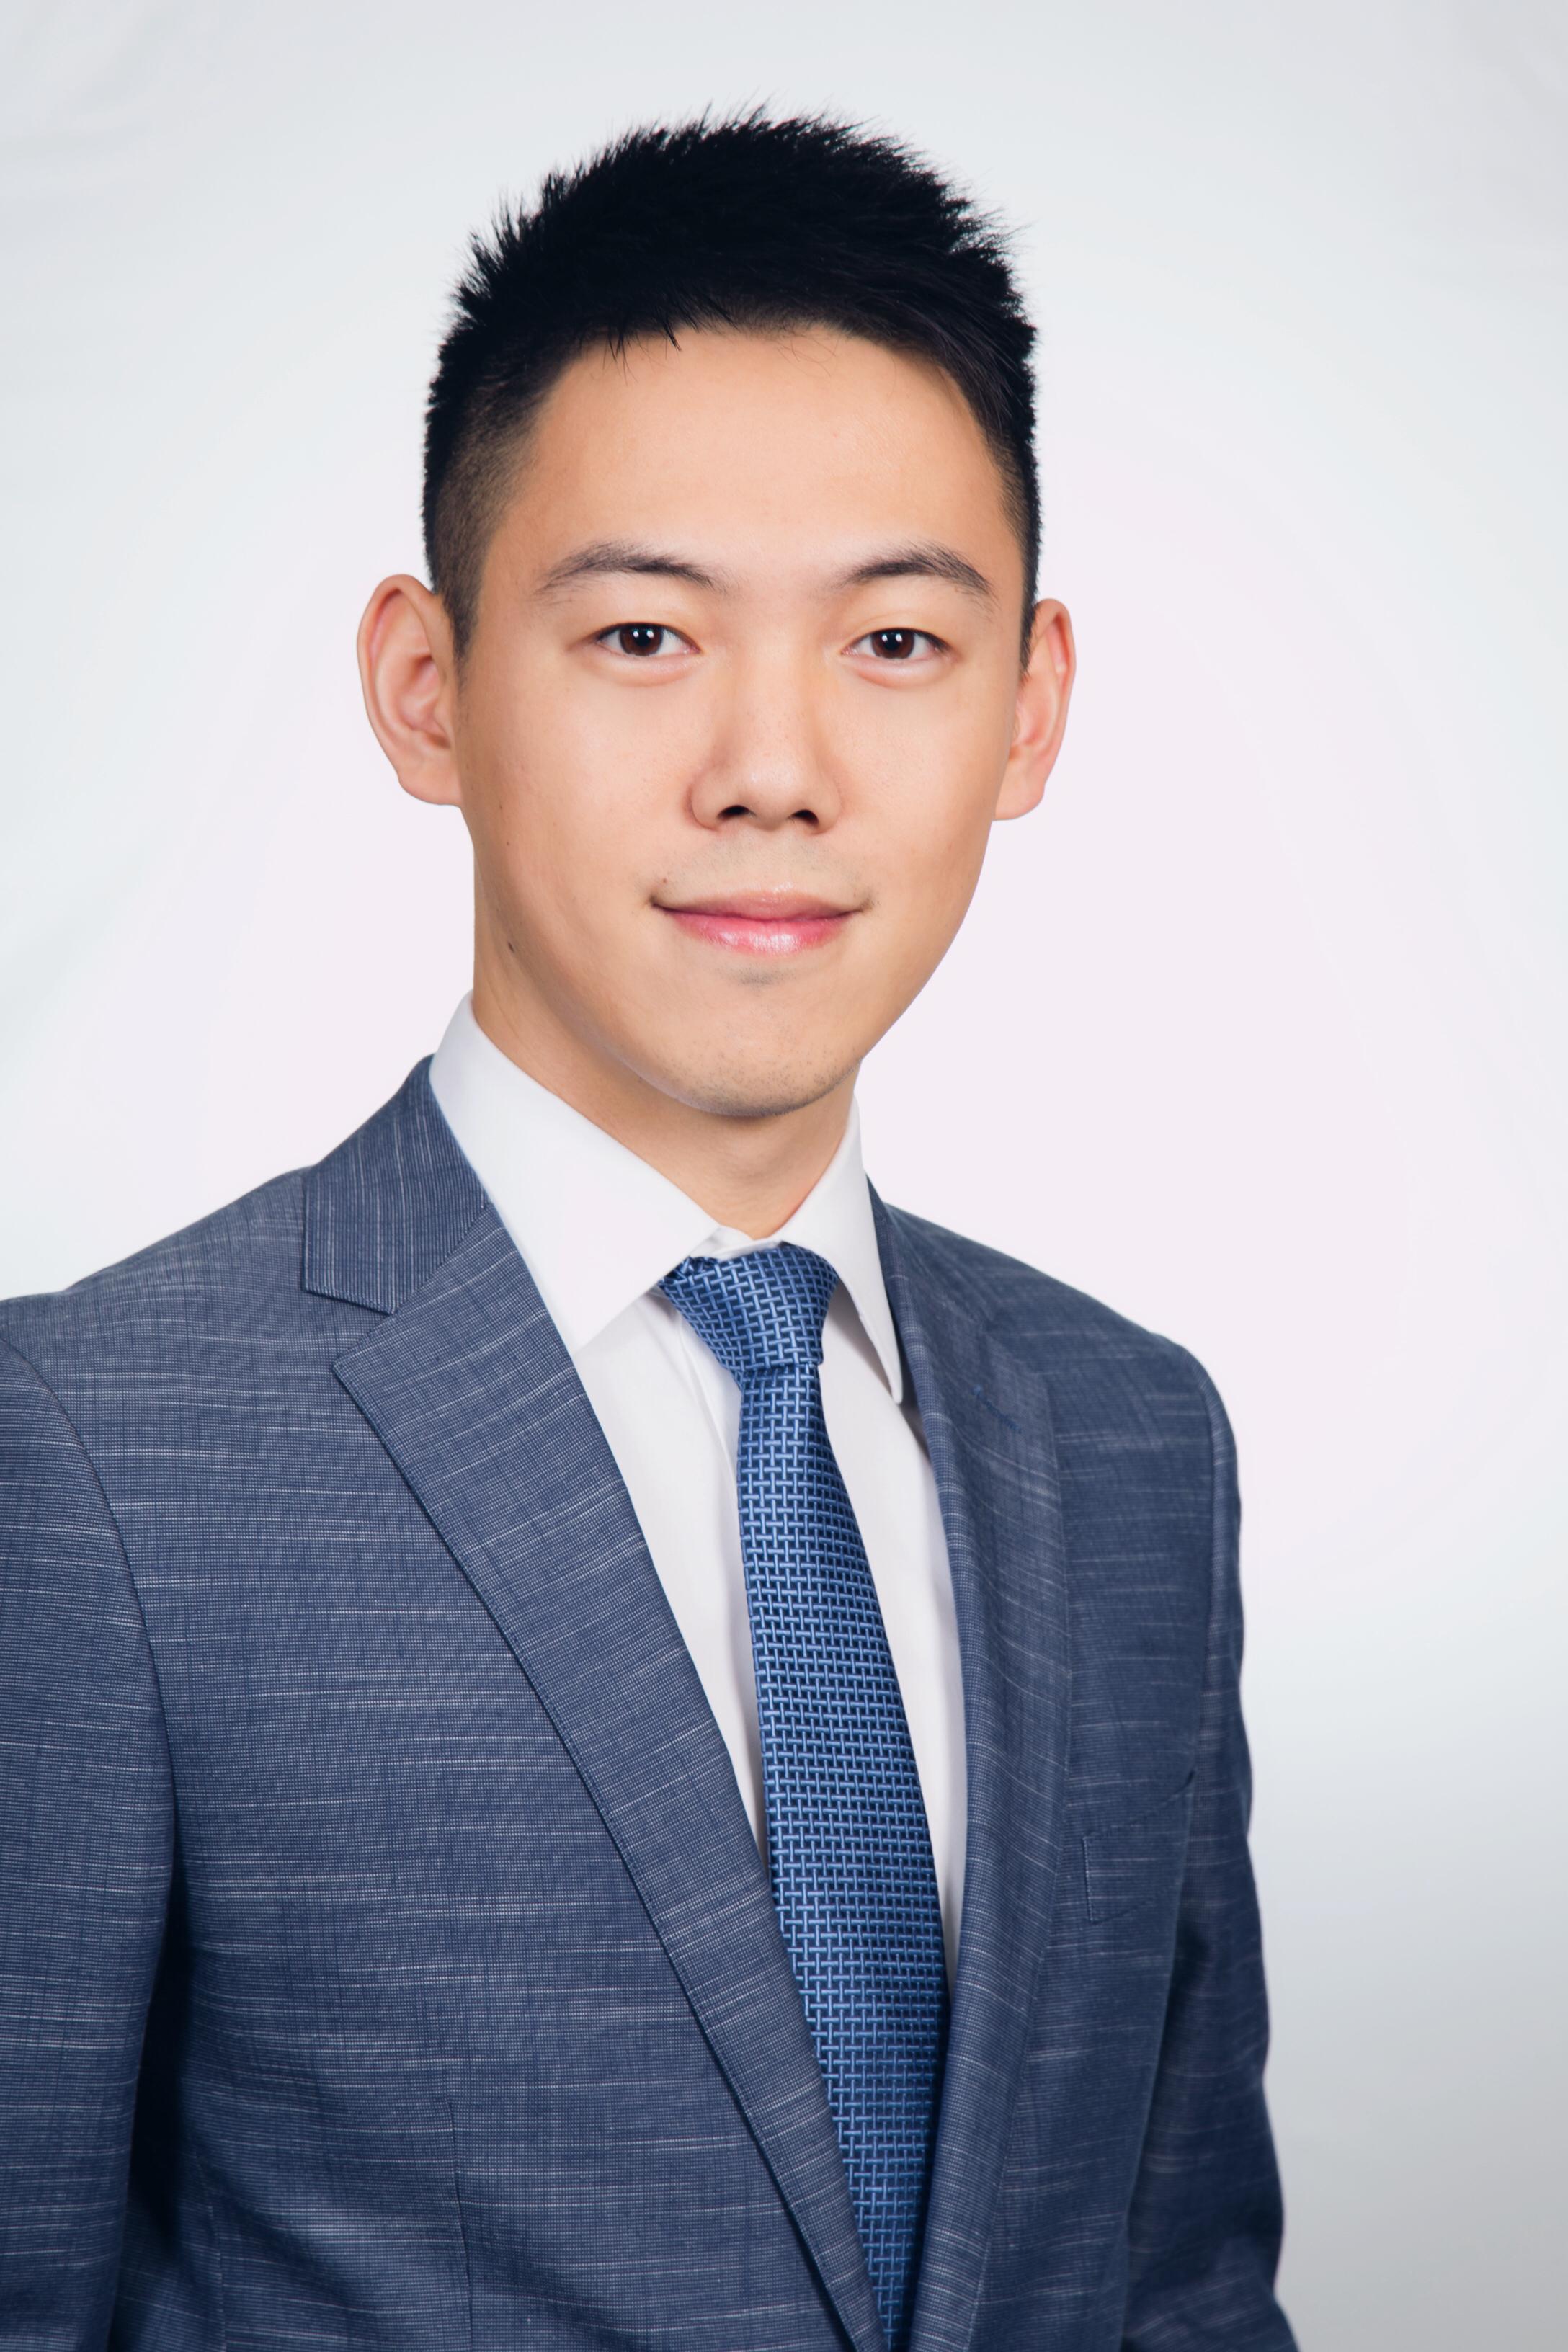 Zhu Qifei